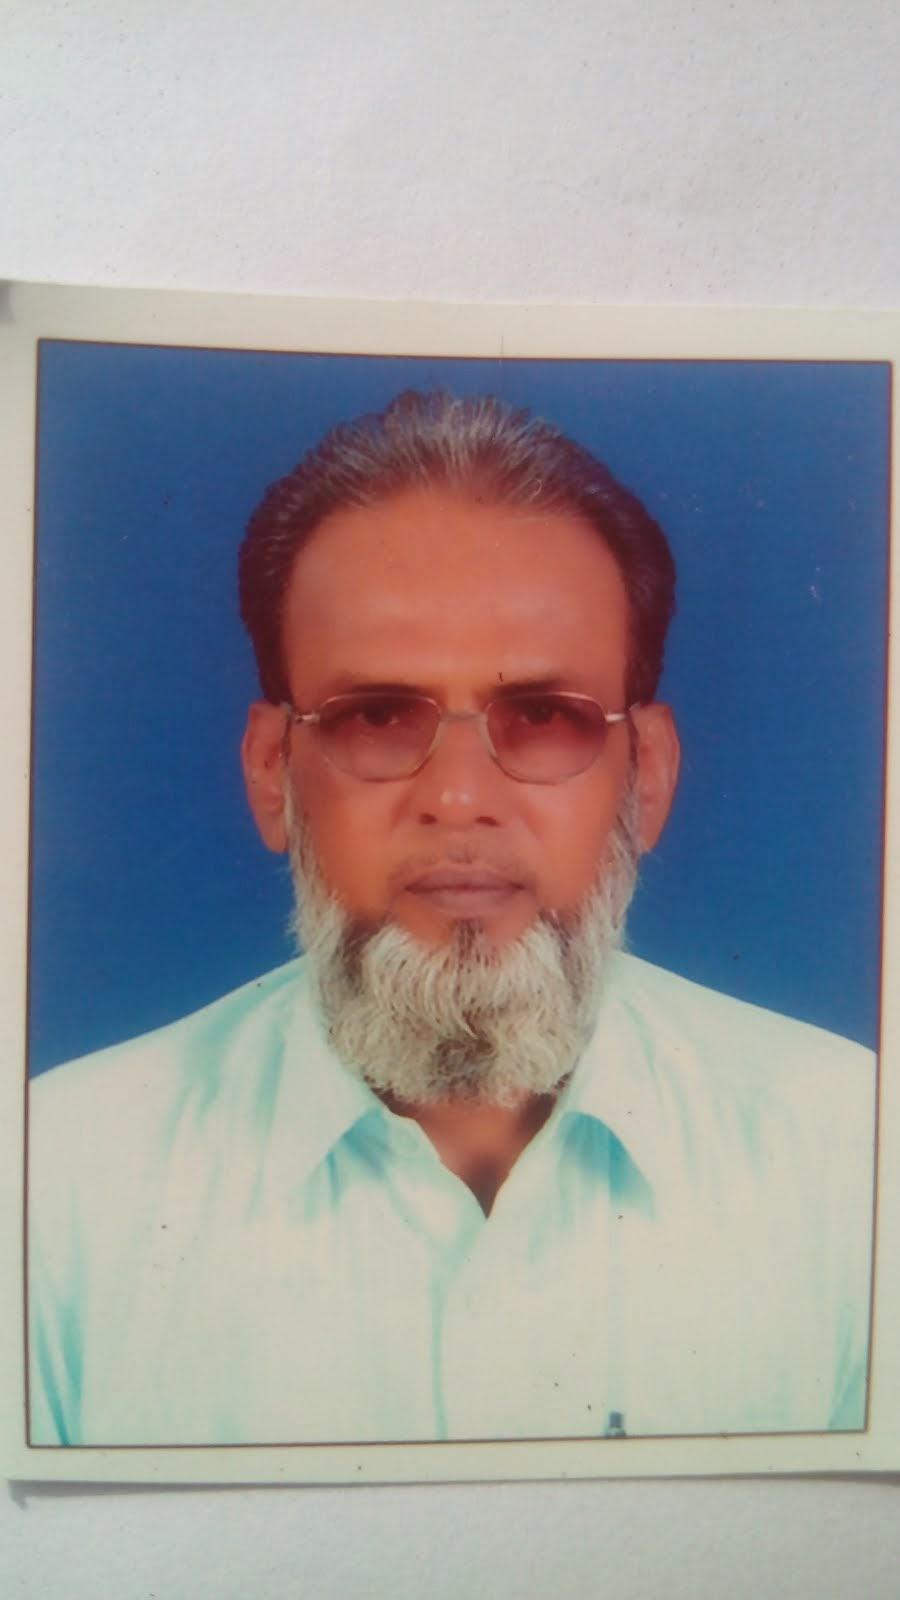 Rasidahamad.G.Shah